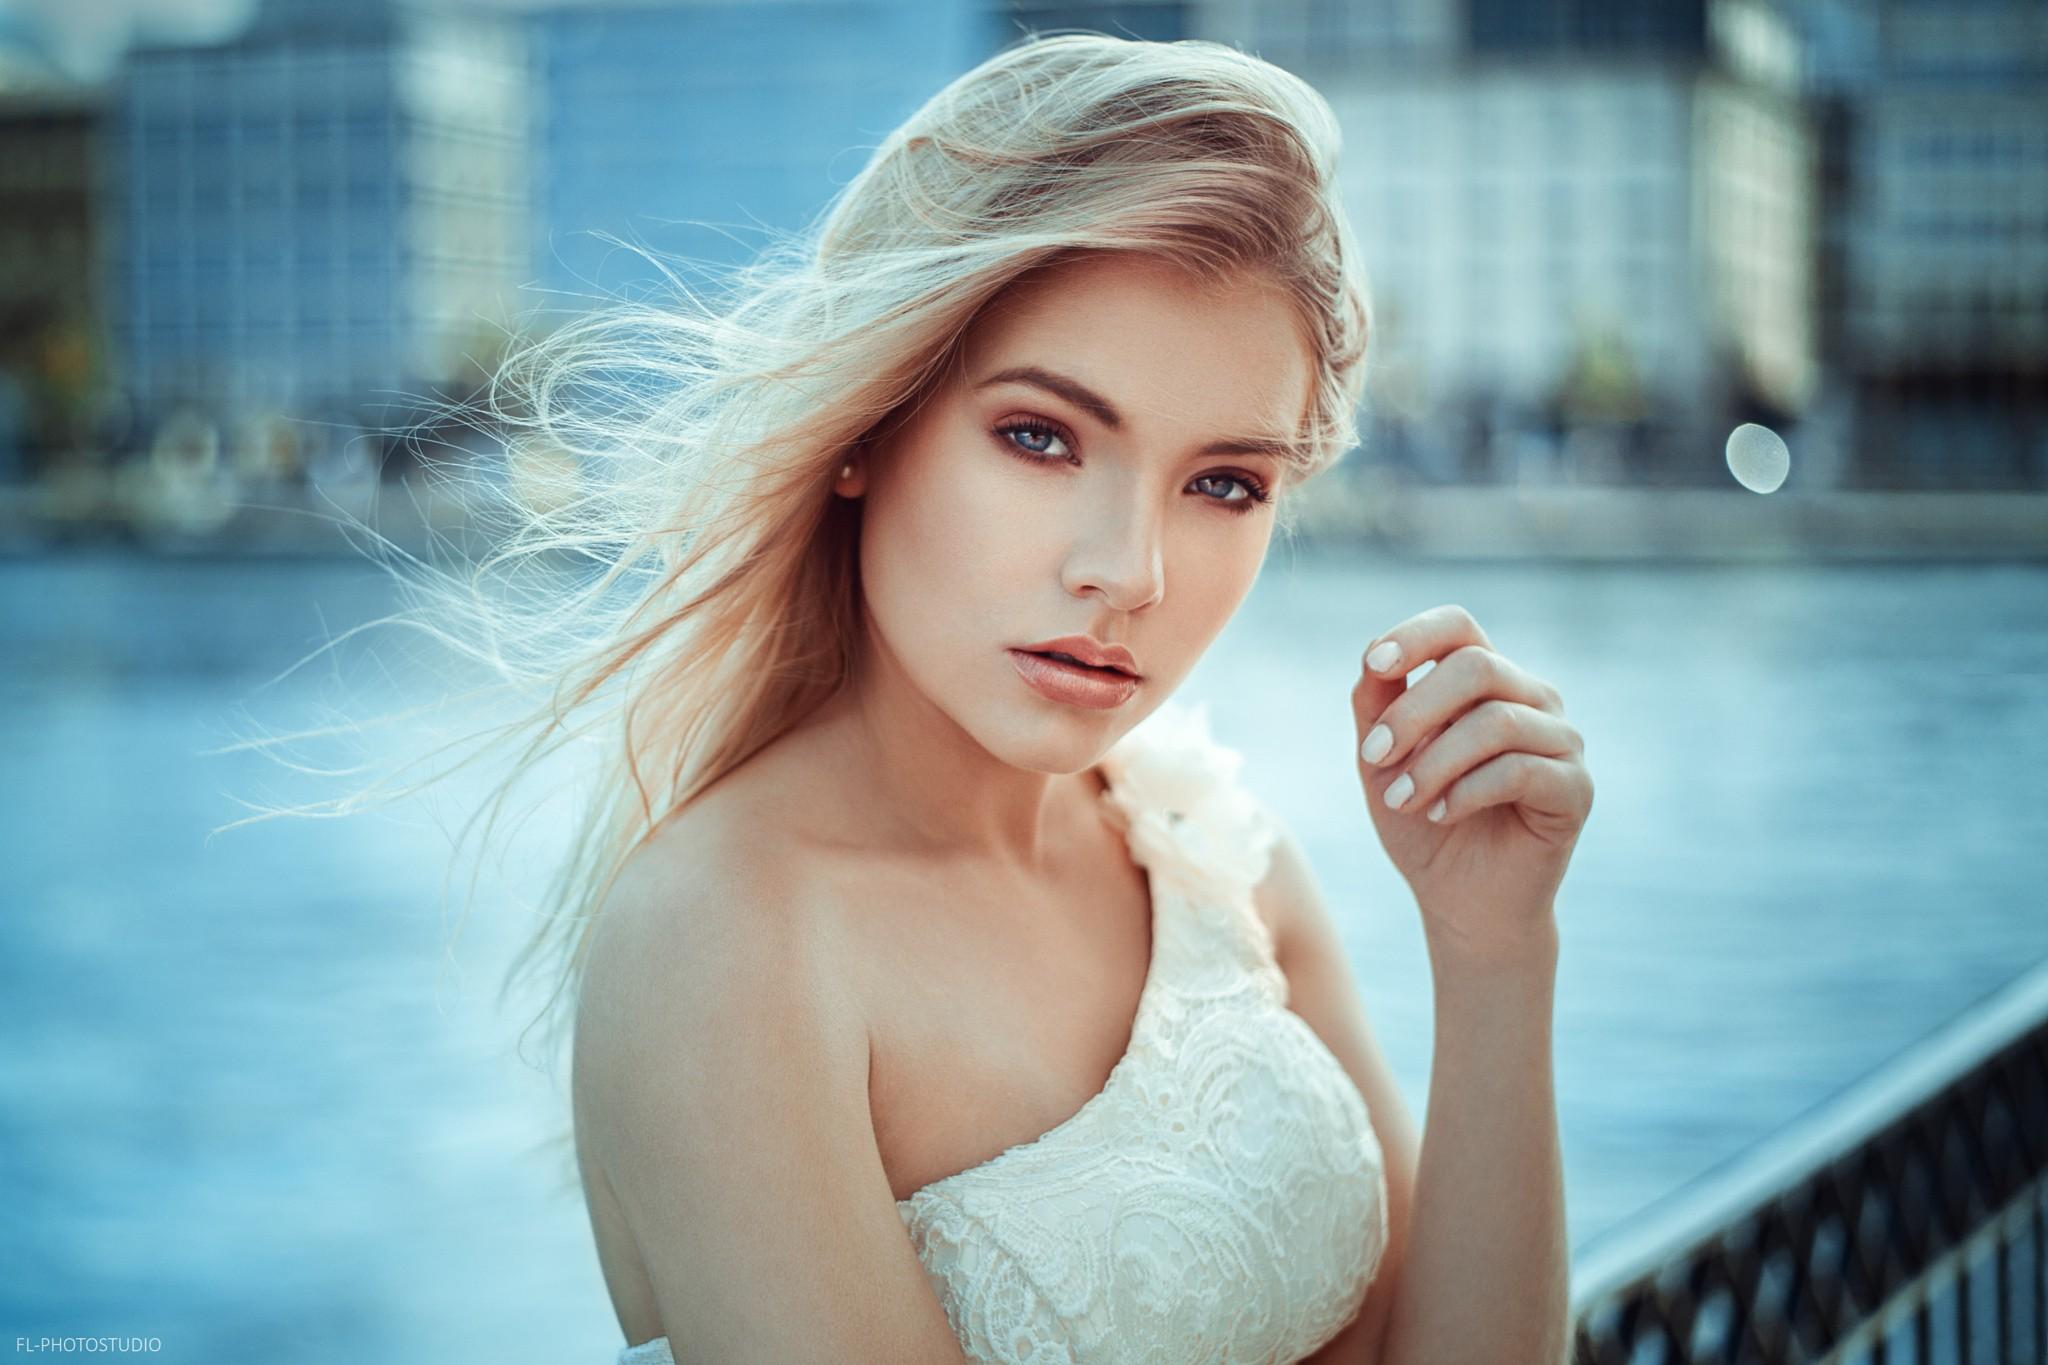 menghadapi wanita model potret berambut pirang kedalaman lapangan rambut panjang mata biru fotografi gaun Anna Maradan